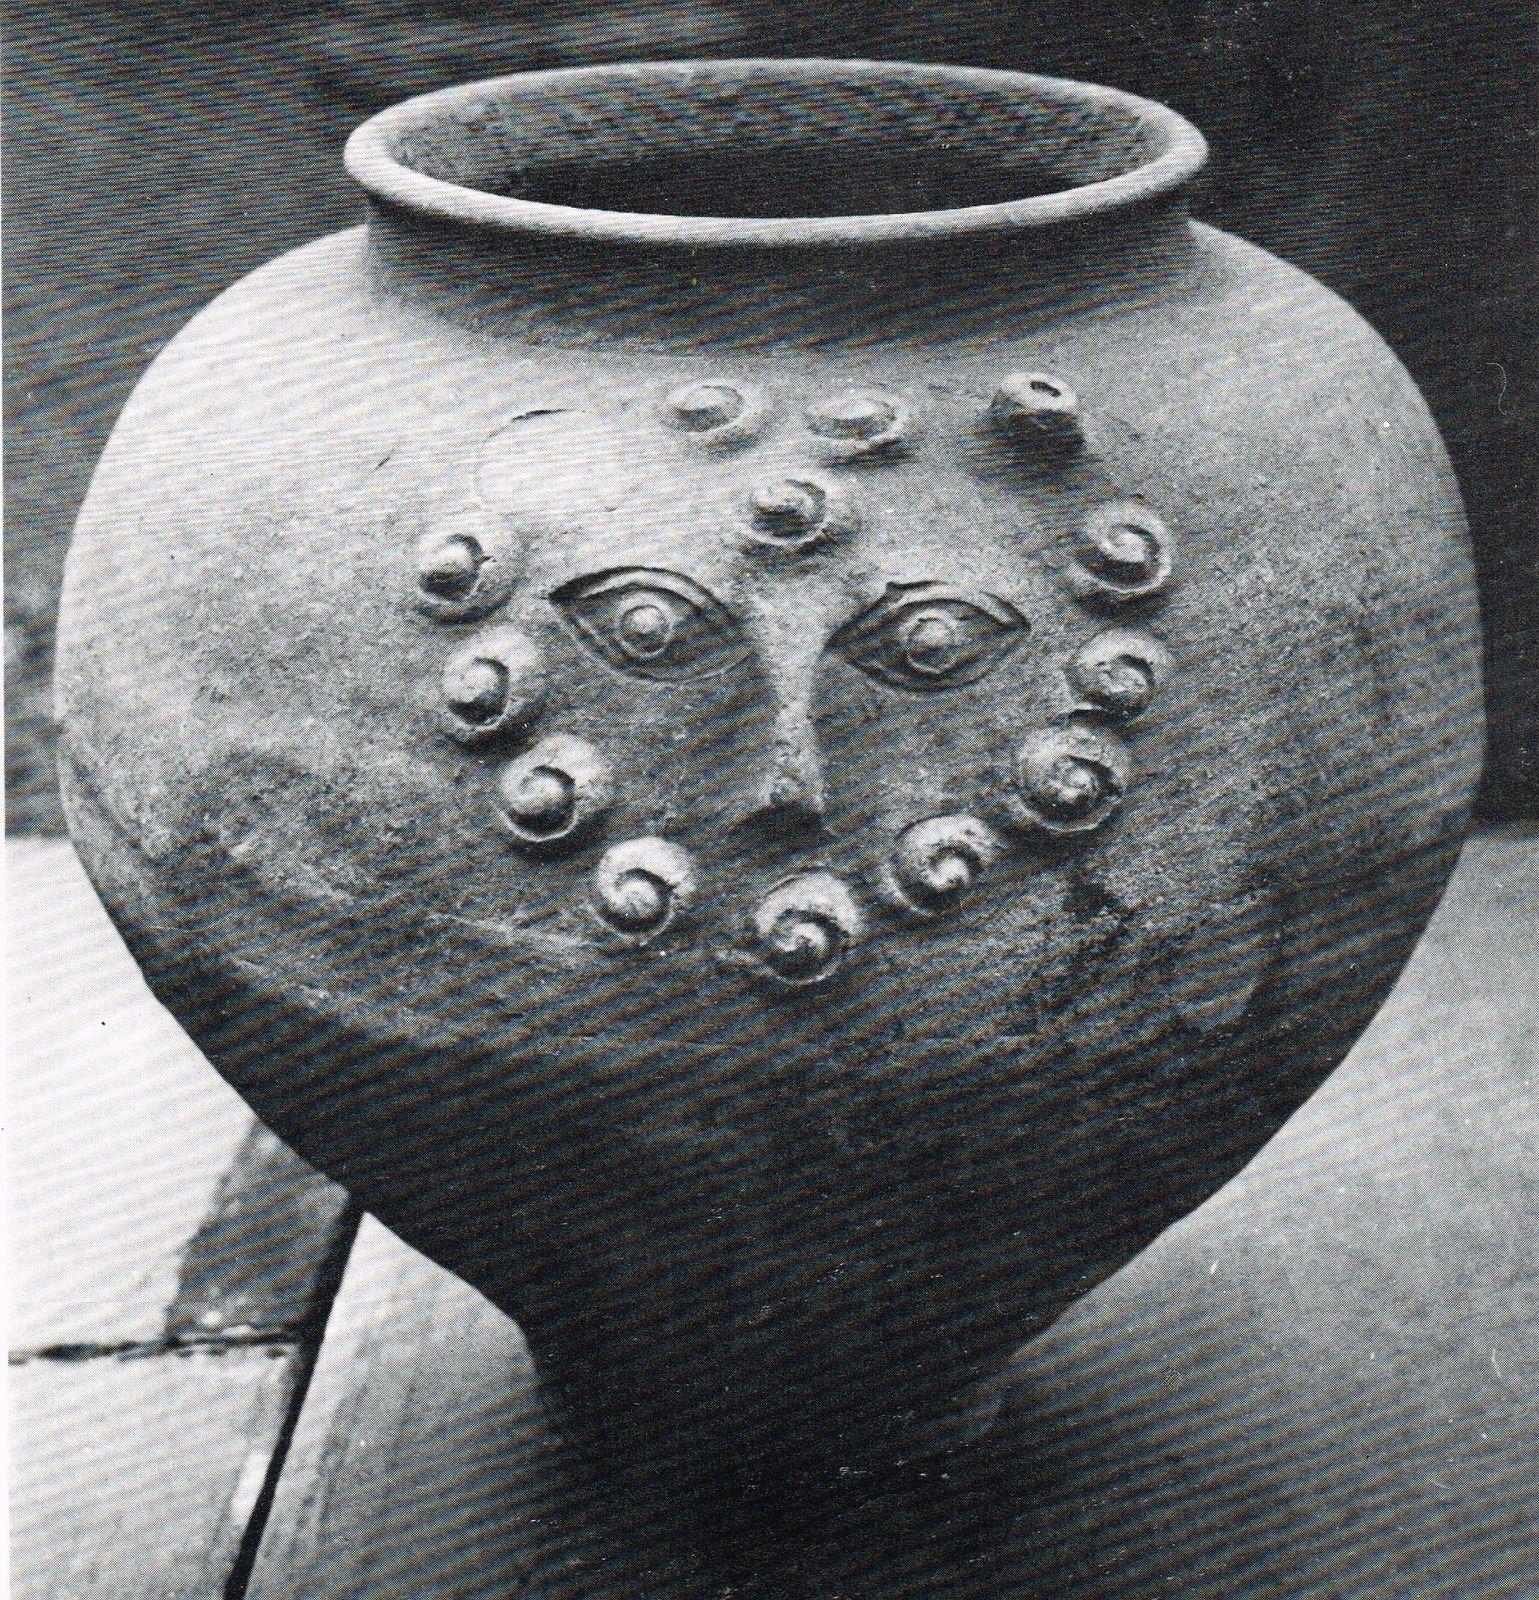 Vase celtique (Musée de Bavay) in : Régine Pernoud, Les Gaulois, Ed. du Seuil (1979)